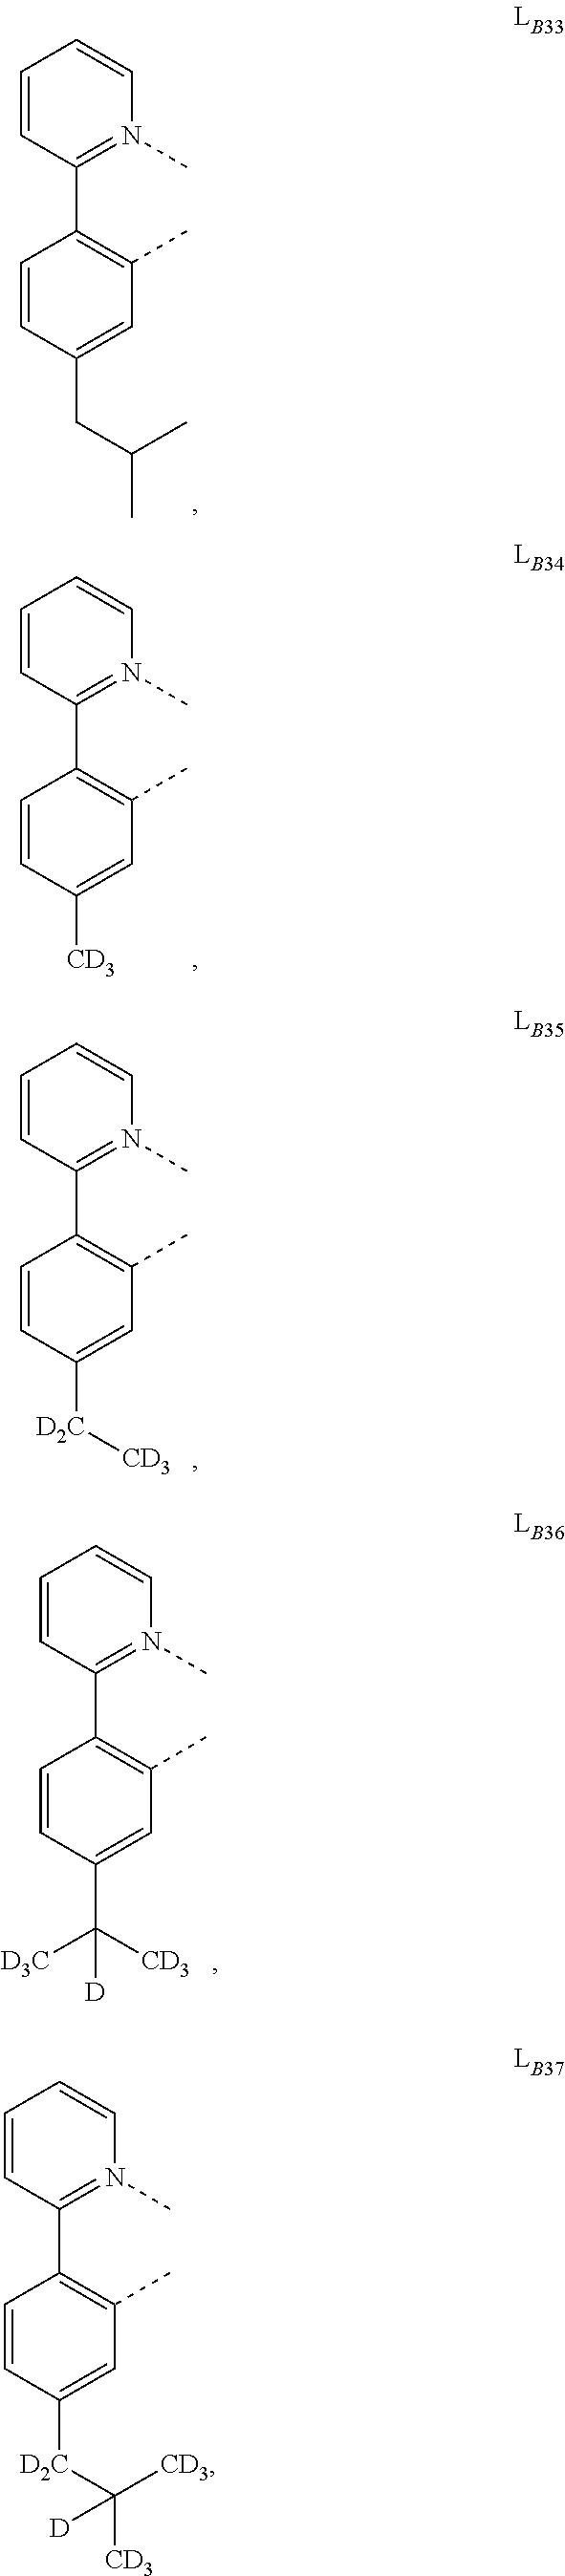 Figure US20160049599A1-20160218-C00120